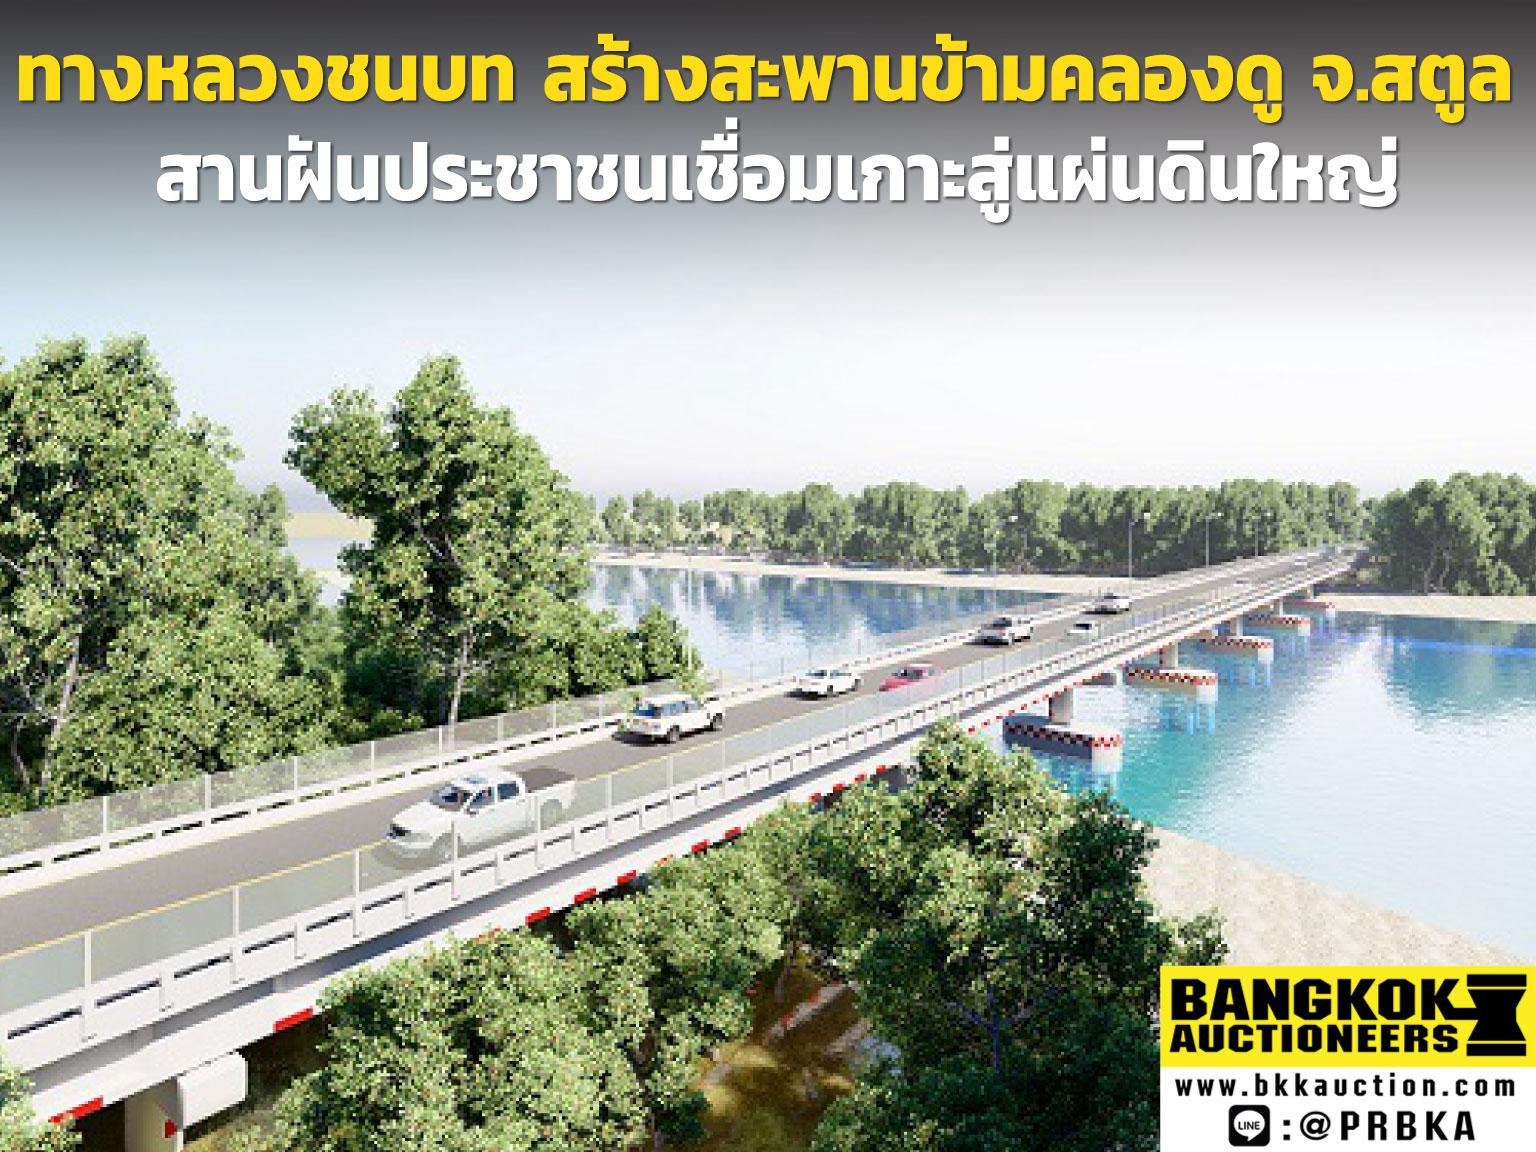 สร้างสะพานข้ามคลองดู จ.สตูล